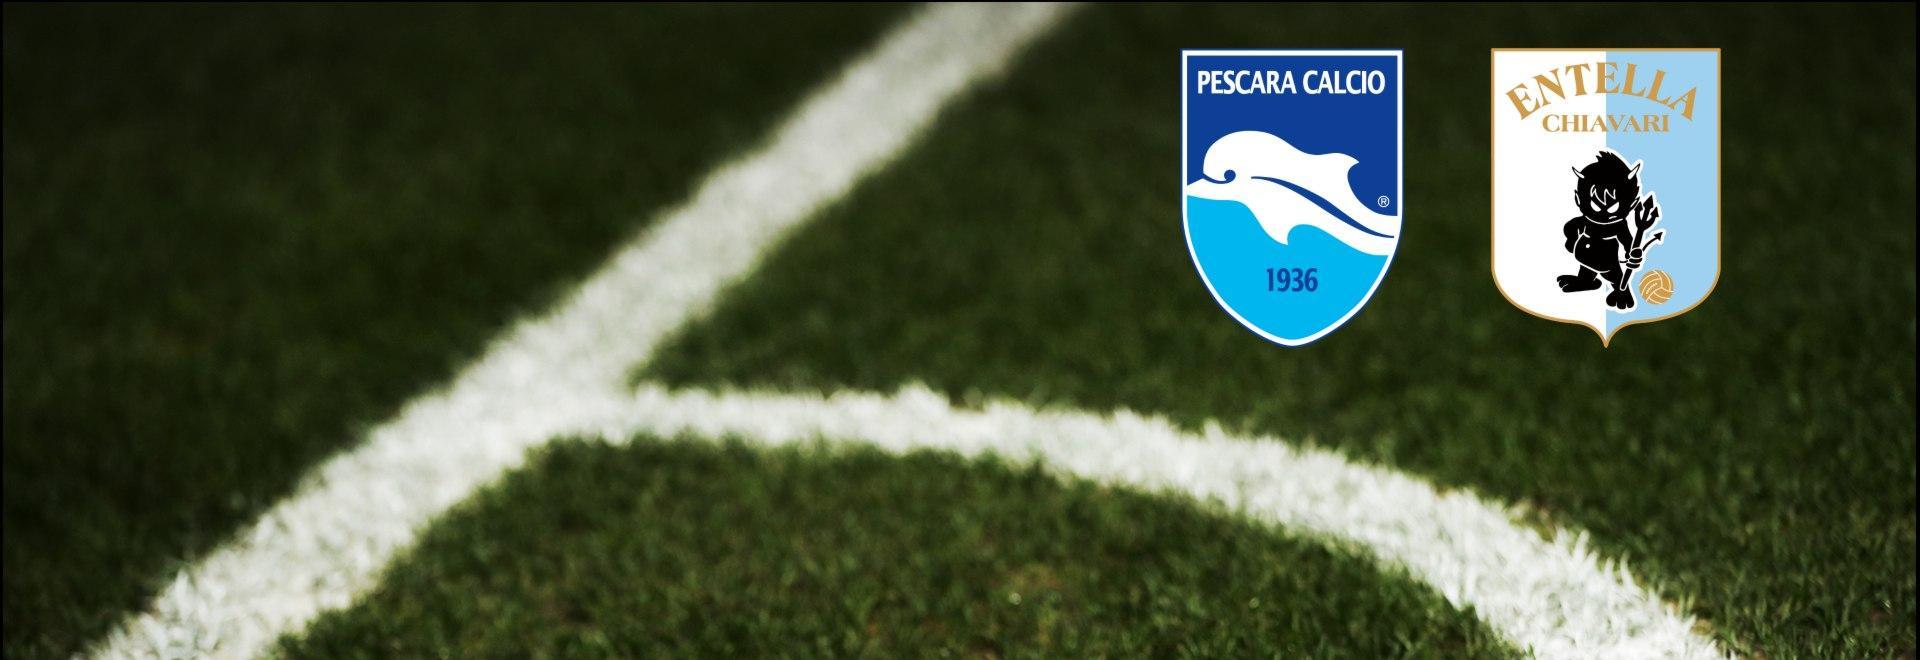 Pescara - Entella. 34a g.